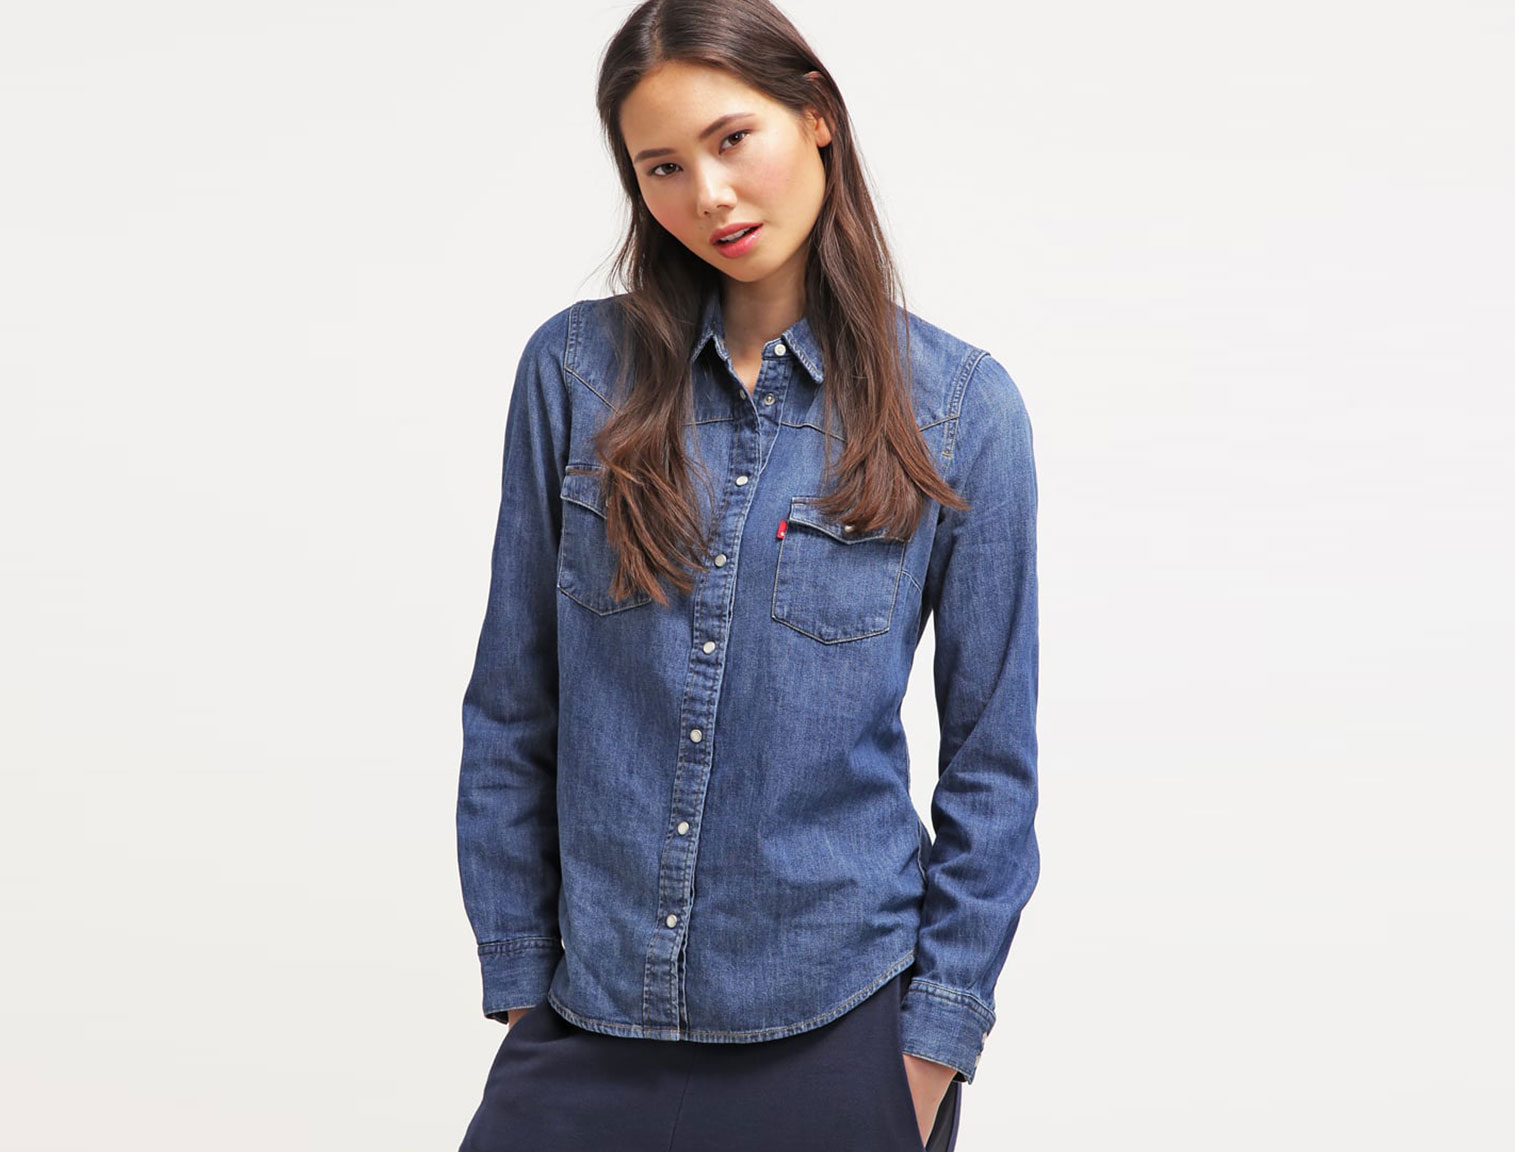 comprar disfruta el precio de liquidación grandes ofertas 2017 Camisas vaqueras o tejanas en Zalando